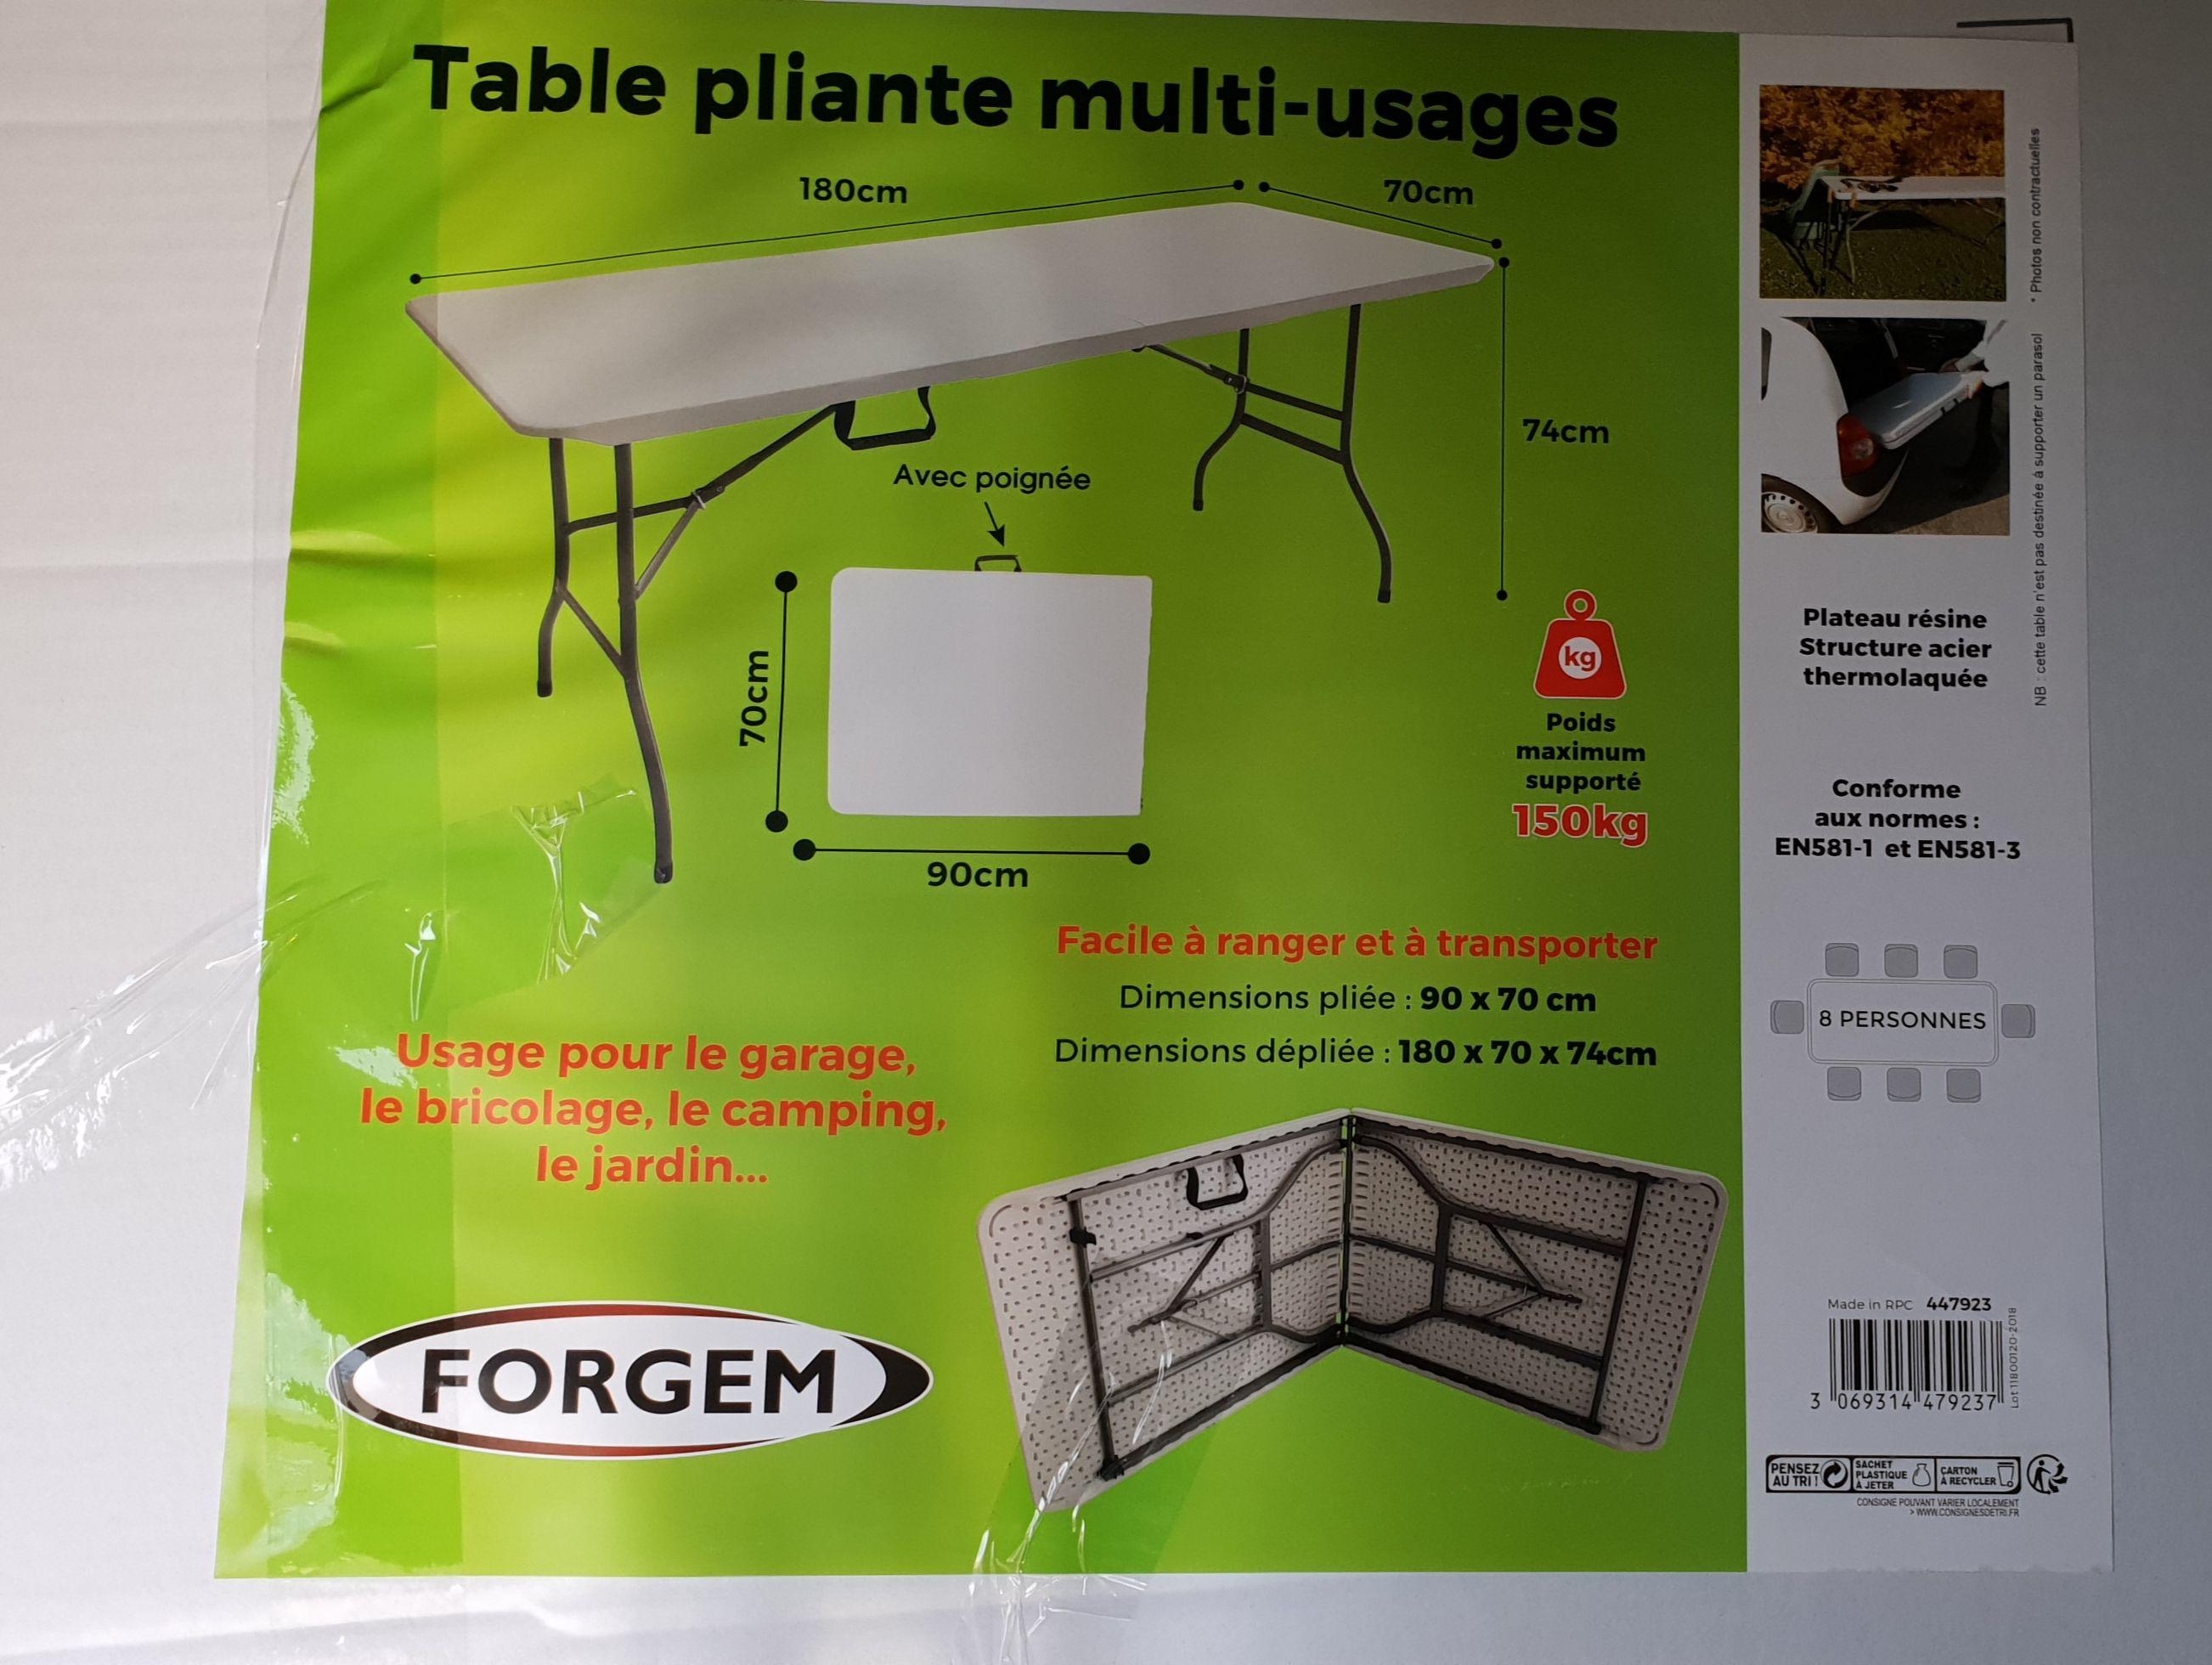 Table pliante multi-usages Forgem - Sannois (95)